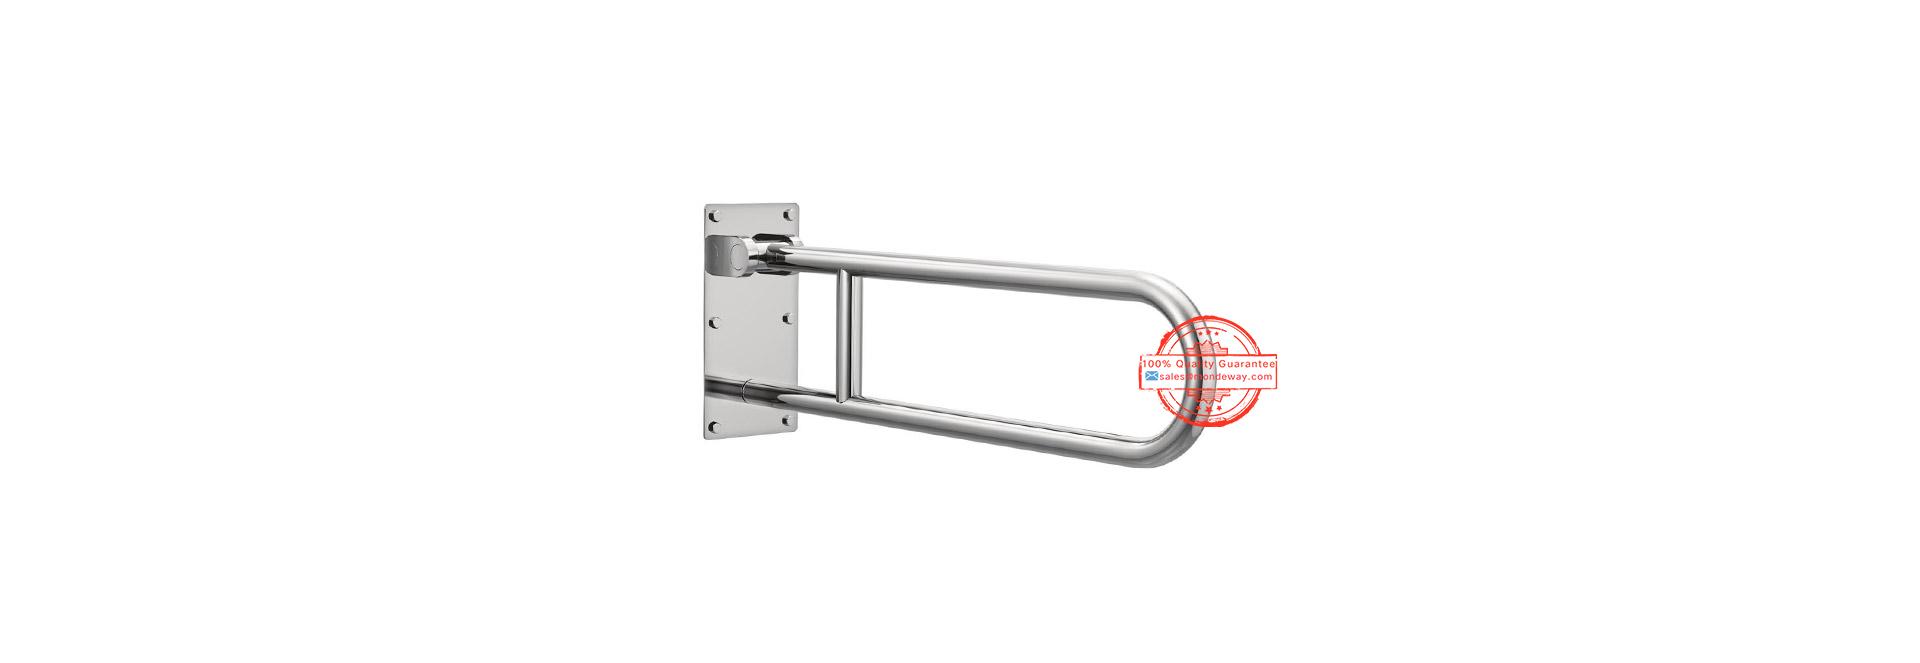 Folding handrails